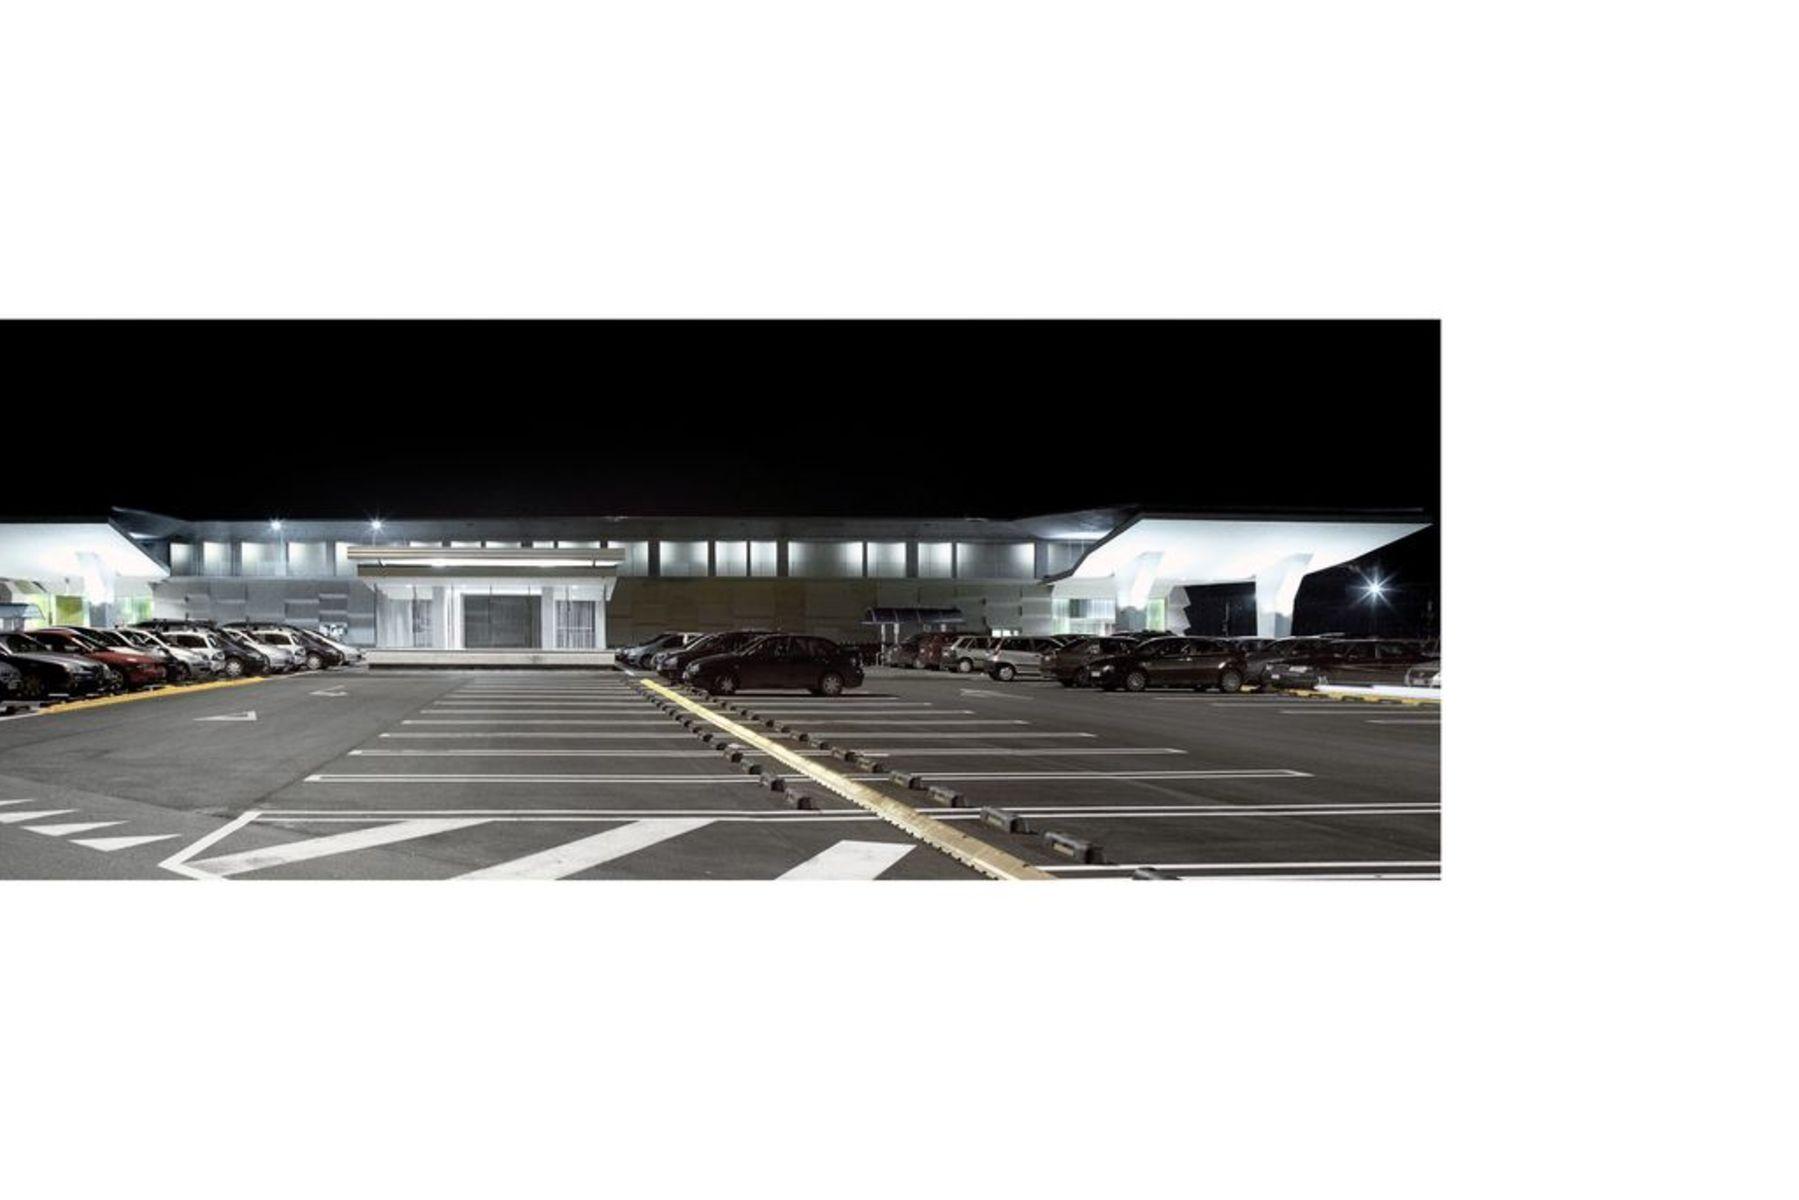 Cherubino Gambardella: Liz Gallery shopping centre